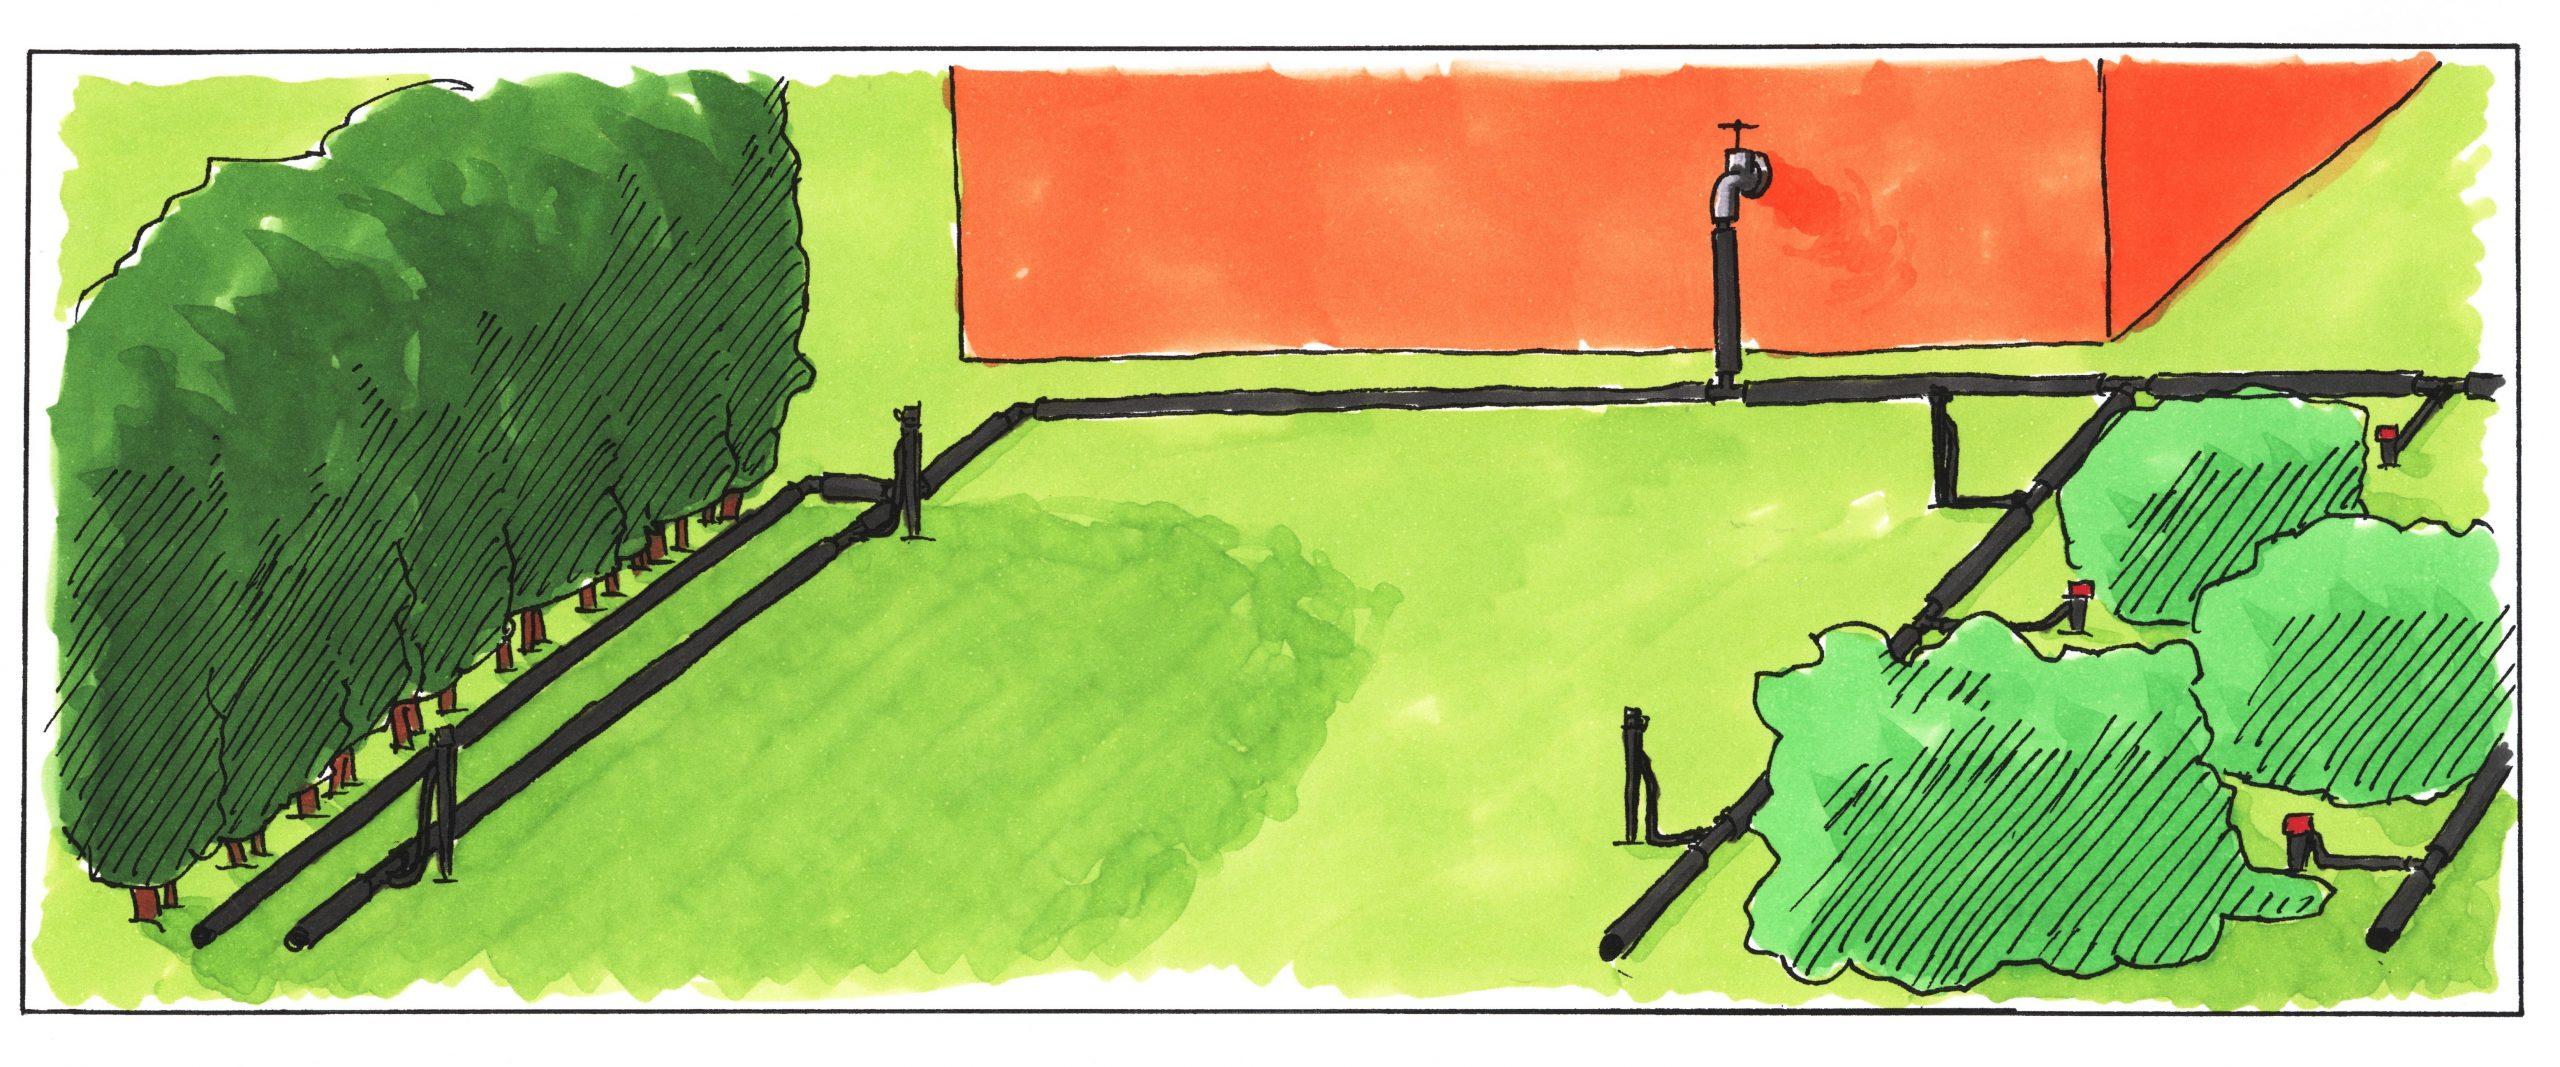 Full Size of Bewsserungssysteme Fr Automatische Gartenbewsserung Meine Ausziehtisch Garten Klapptisch Paravent Sonnenschutz Whirlpool Aufblasbar Schaukel Spielhaus Holz Garten Bewässerungssysteme Garten